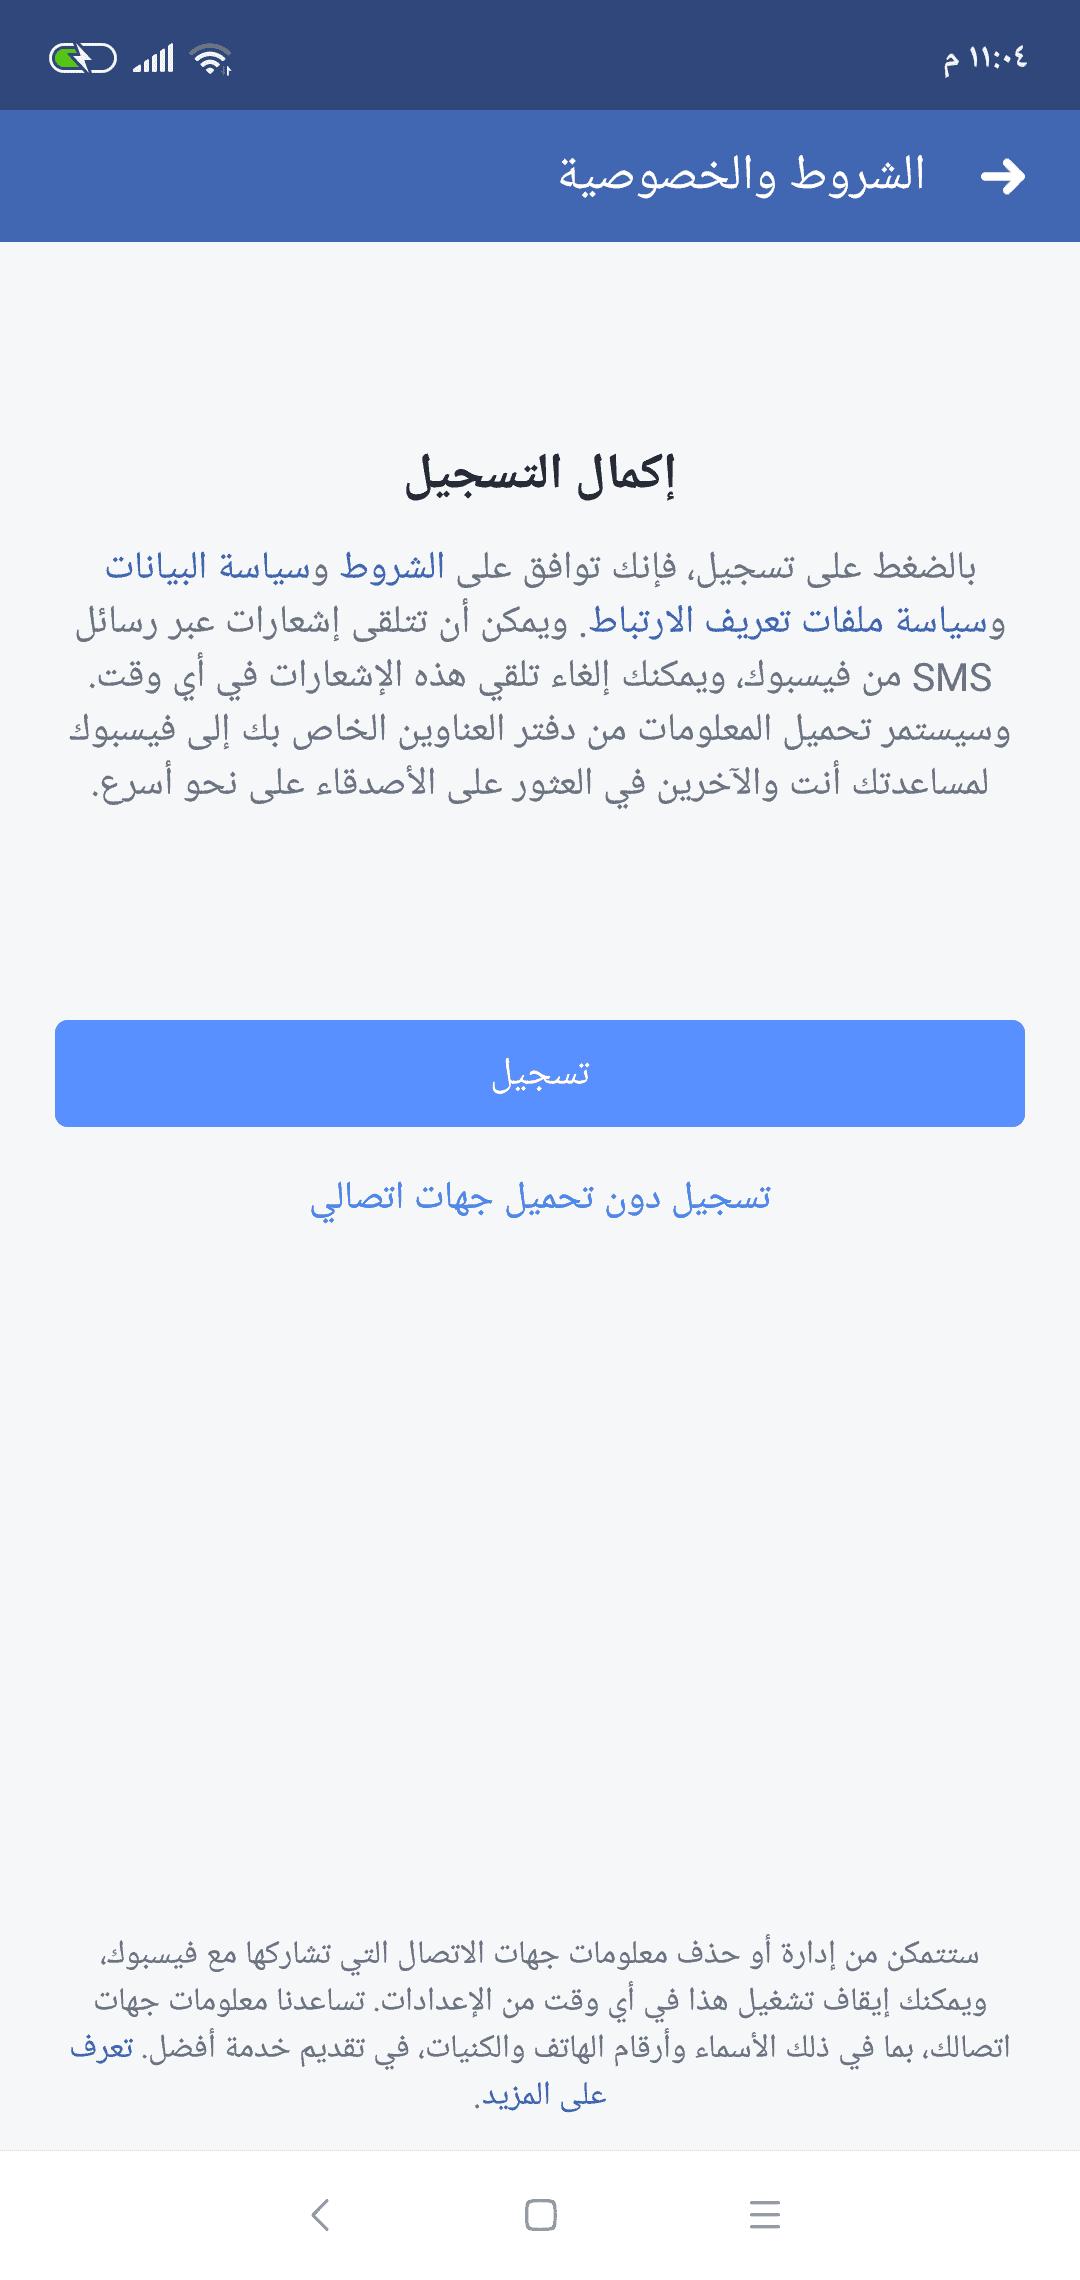 اكمال التسجيل في فيسبوك